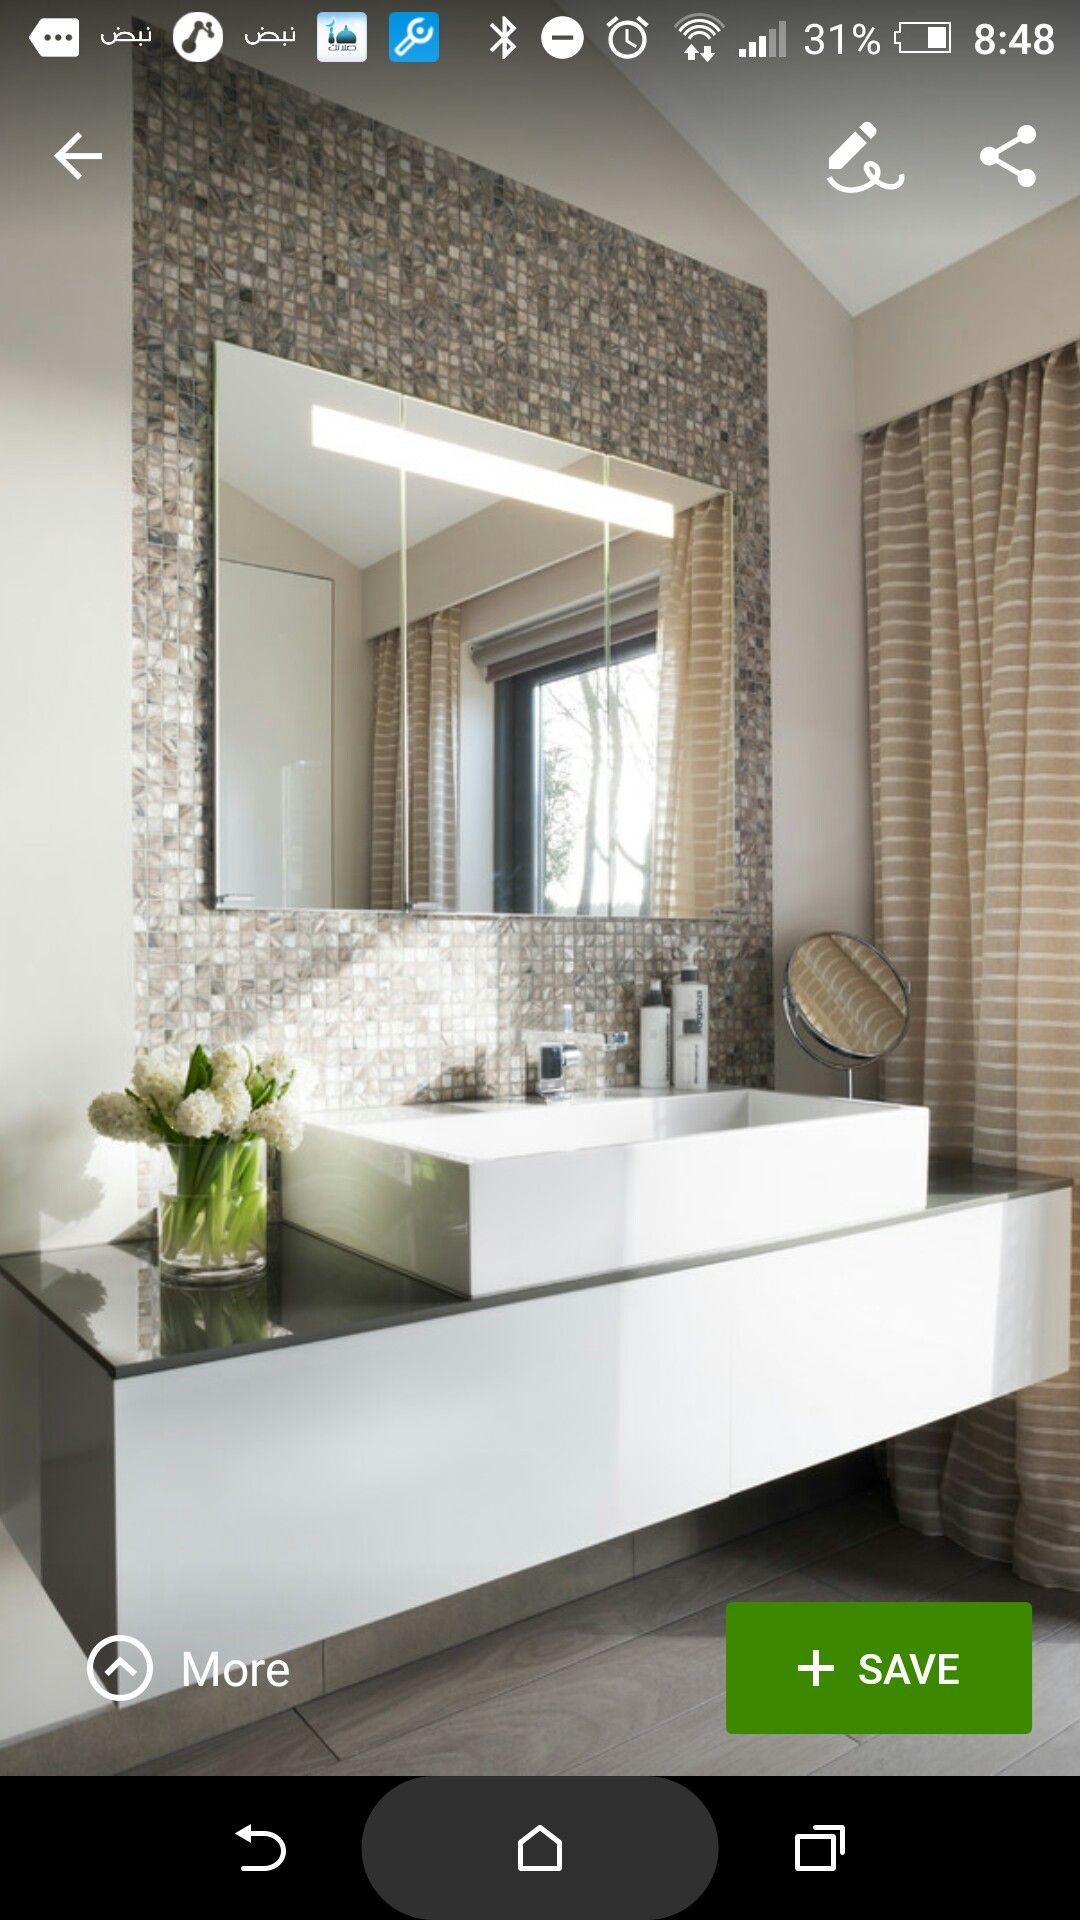 Badezimmer, Luxus Badezimmer, Zeitgenössische Badezimmer, Große Badezimmer, Modernes  Badezimmer Zubehör, Zeitgenössische Inneneinrichtung, Familienbad, ...